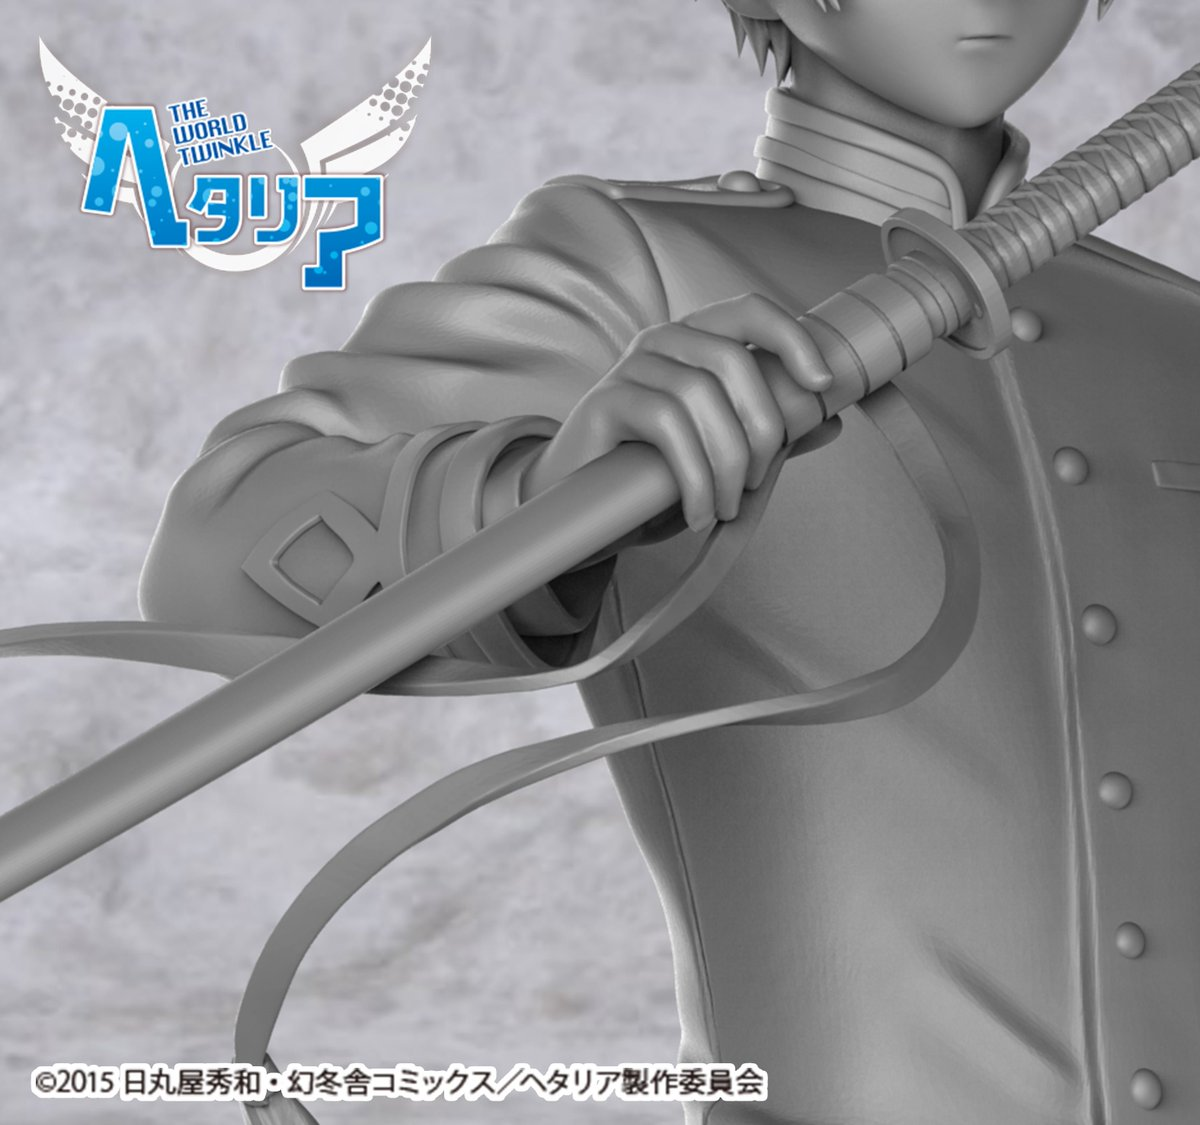 アニメ『ヘタリア』「日本」原型進行中! ワンダーフェスティバルでは、3Dモデリング画像をパネルにて初公開予定です! 是非